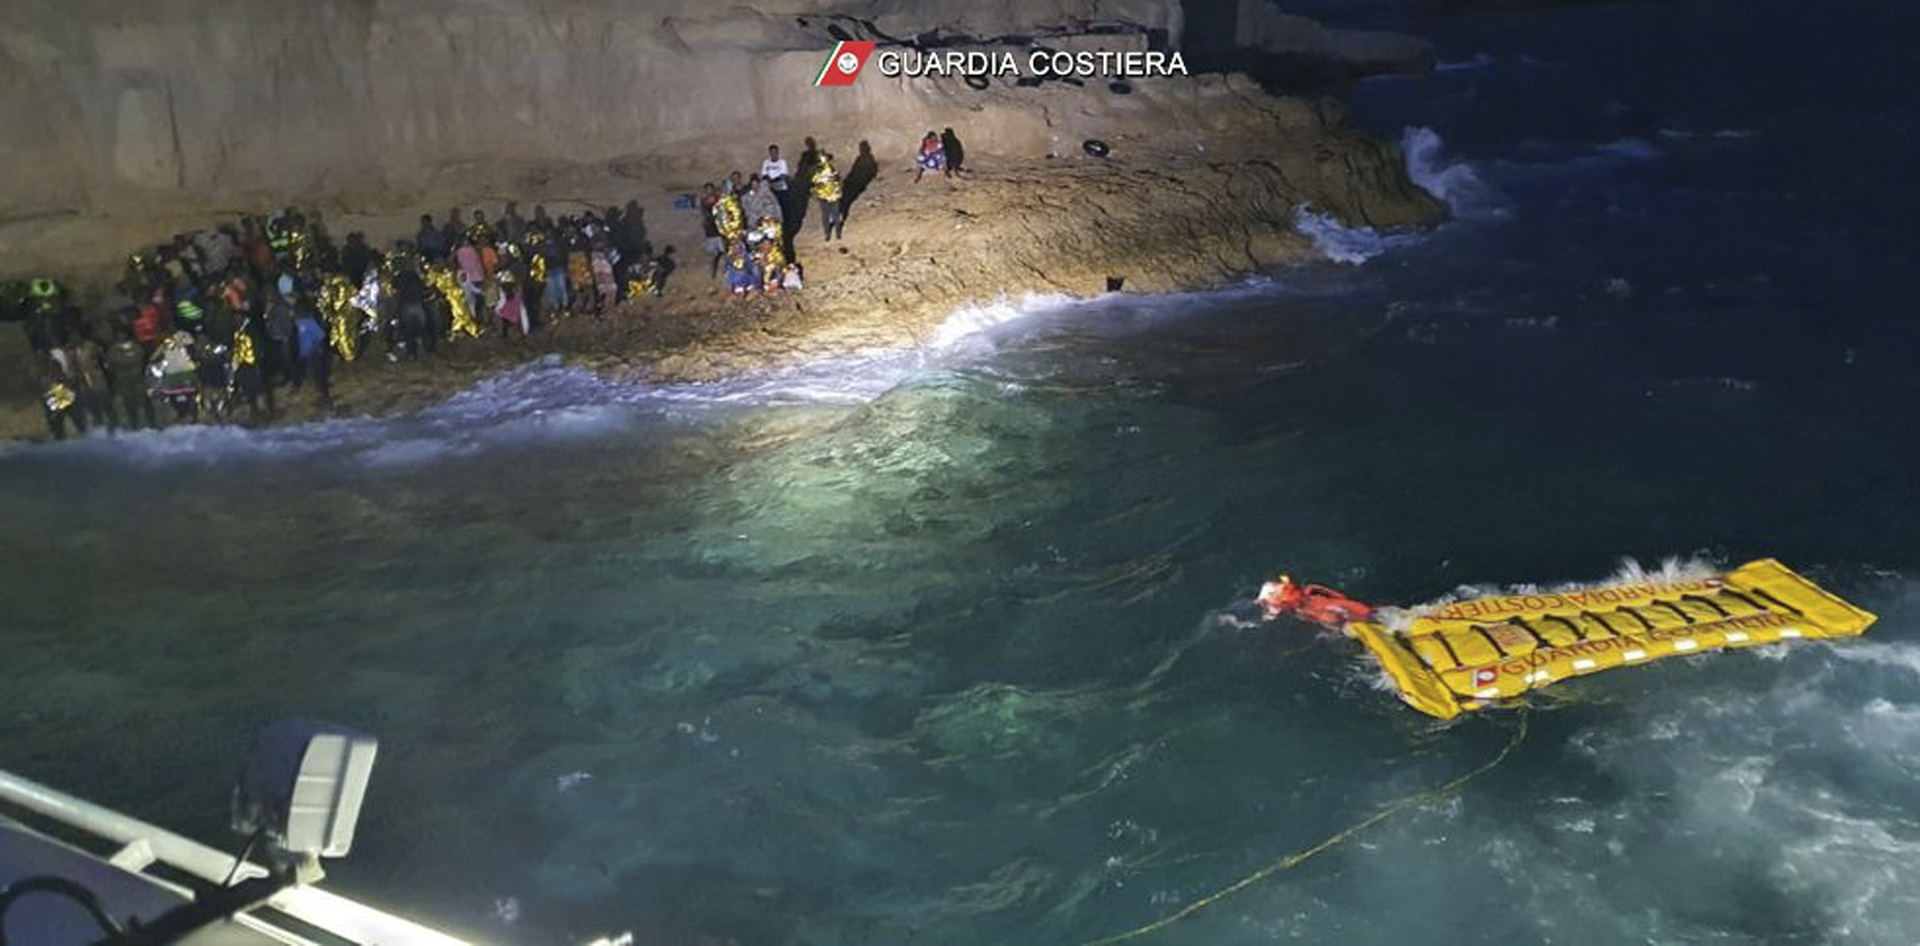 العثور على جثة رجل على مركب يقل مهاجرين قبالة جزر الكناري